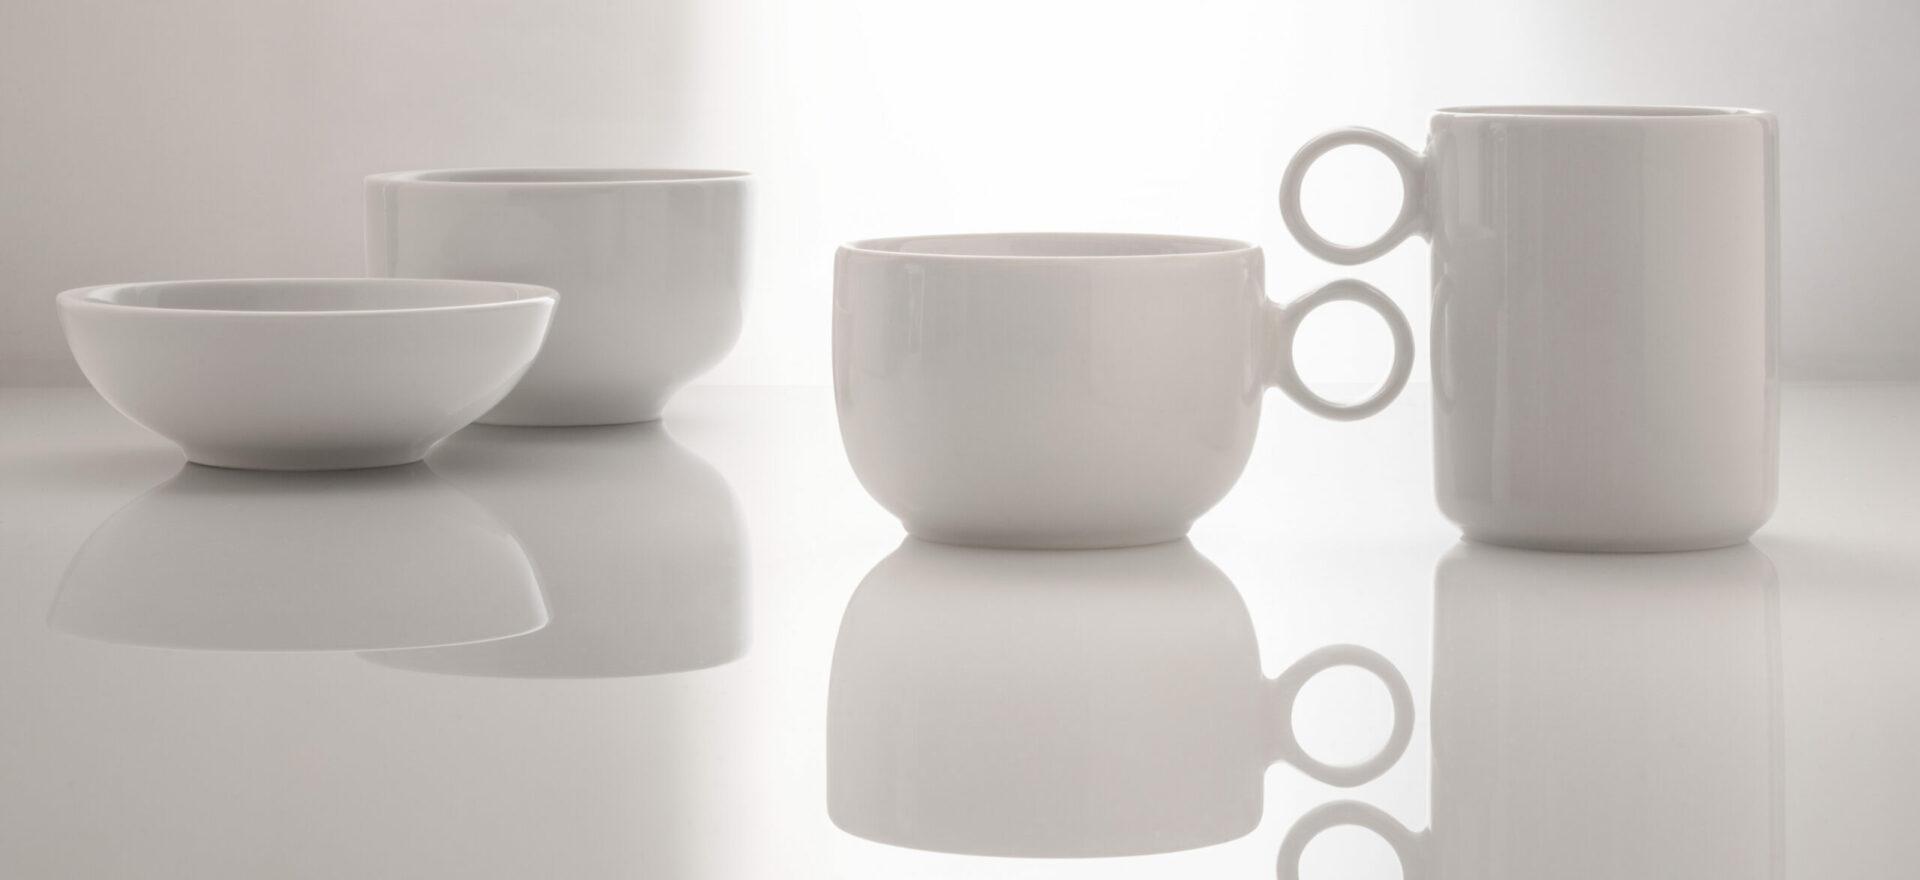 Product Design | Tableware Porcelain | Coop Italia| Mario Trimarchi | Ph Santi Caleca Design | Fragile | Ph Santi Caleca